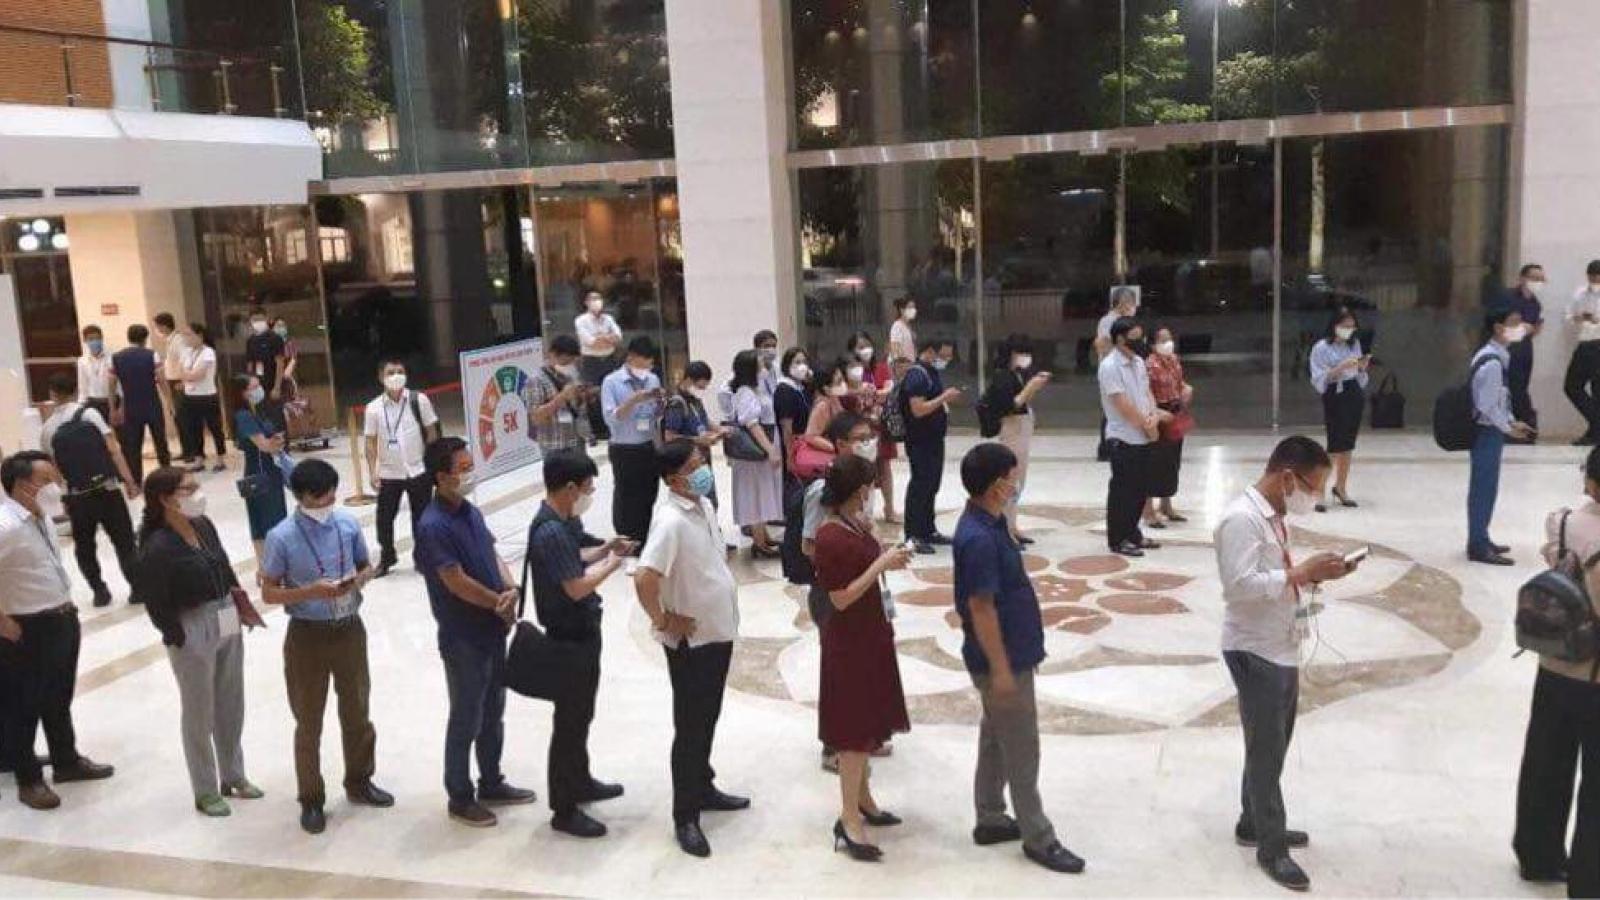 Toàn bộ đại biểu, phóng viên dự kỳ họp Quốc hội đều âm tính với SARS-CoV-2